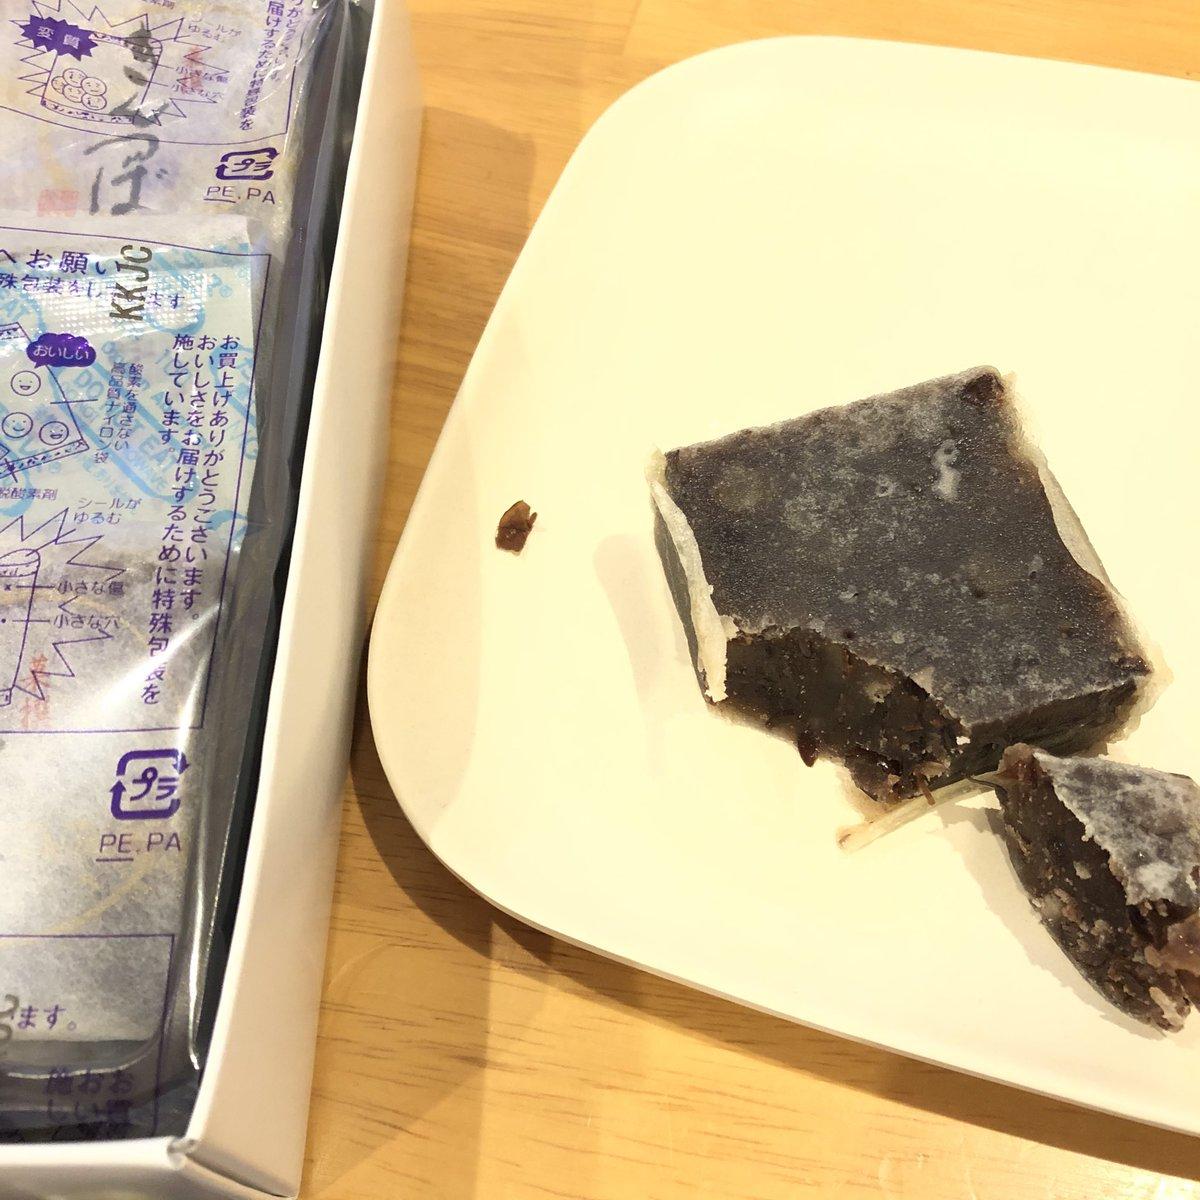 test ツイッターメディア - 朝食は石川土産のきんつば パピピが富山のSAで買ってるから有名な中田屋などはなかったけど後々の味比べとして買ってきて貰った  ワイ初めてのきんつば  うーん…加工品な味の遠くに小豆の味…🤔 https://t.co/7ufPCKeTF9